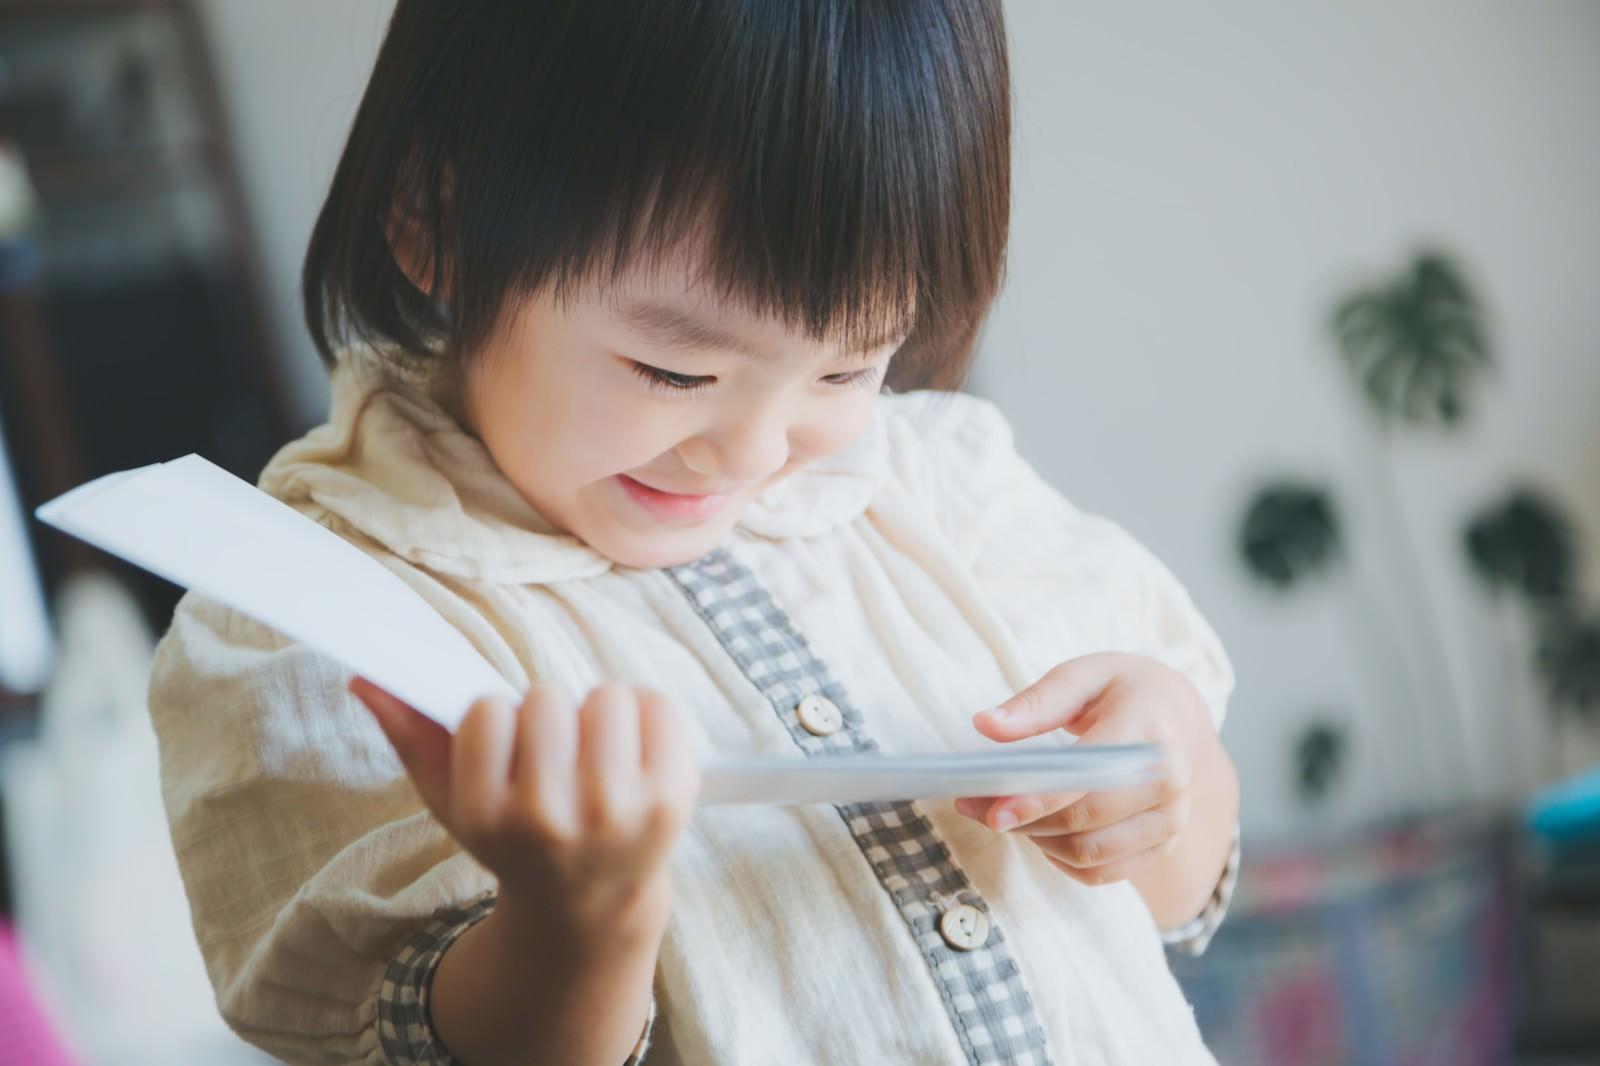 「お気に入りの絵本を読む女の子(子供)お気に入りの絵本を読む女の子(子供)」[モデル:あんじゅ]のフリー写真素材